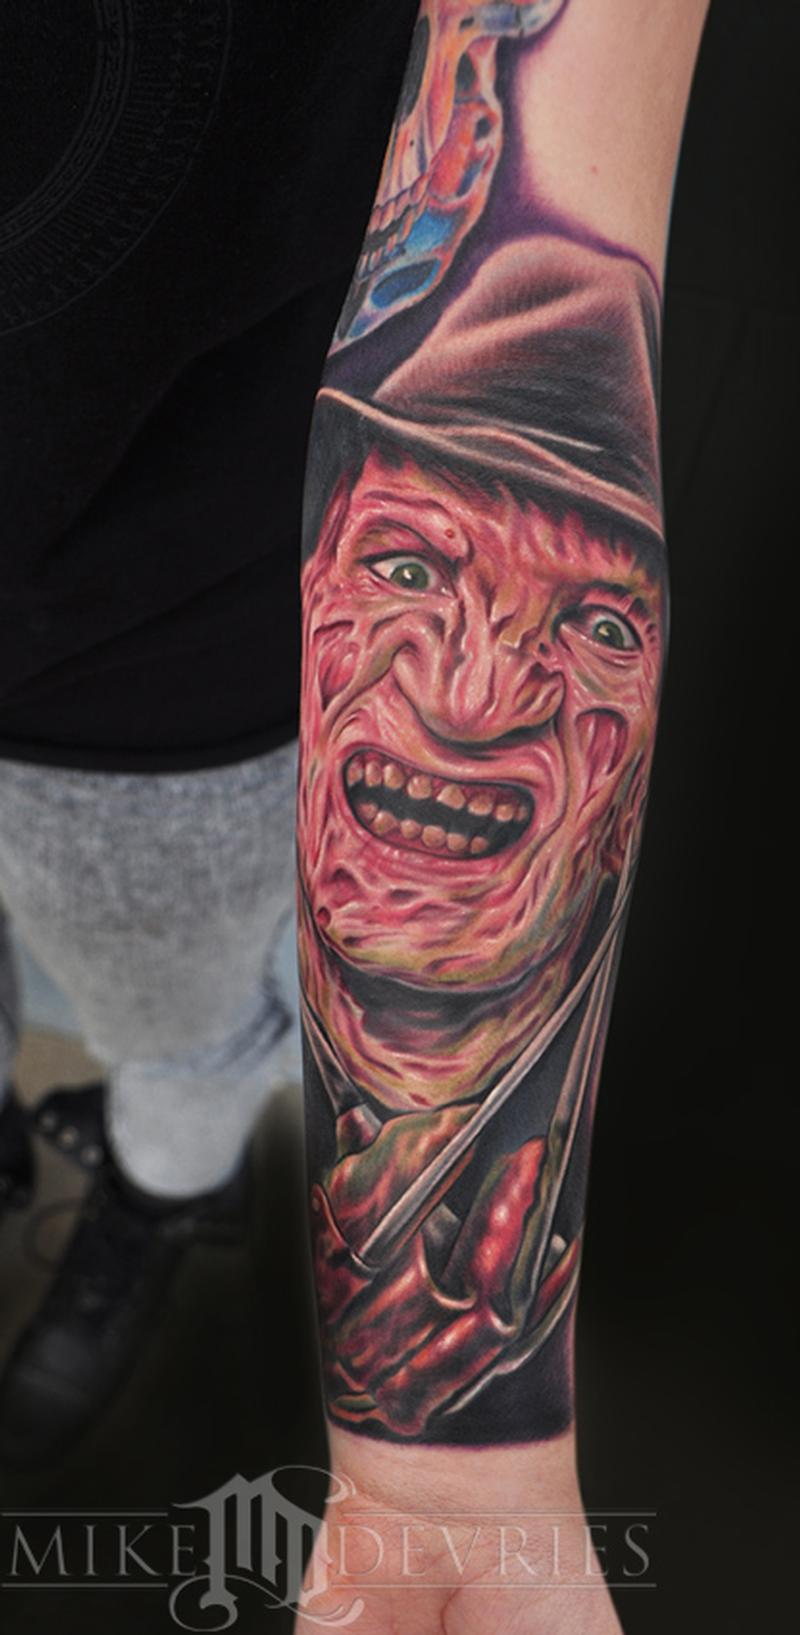 mike devries   tattoos   movie   freddy krueger